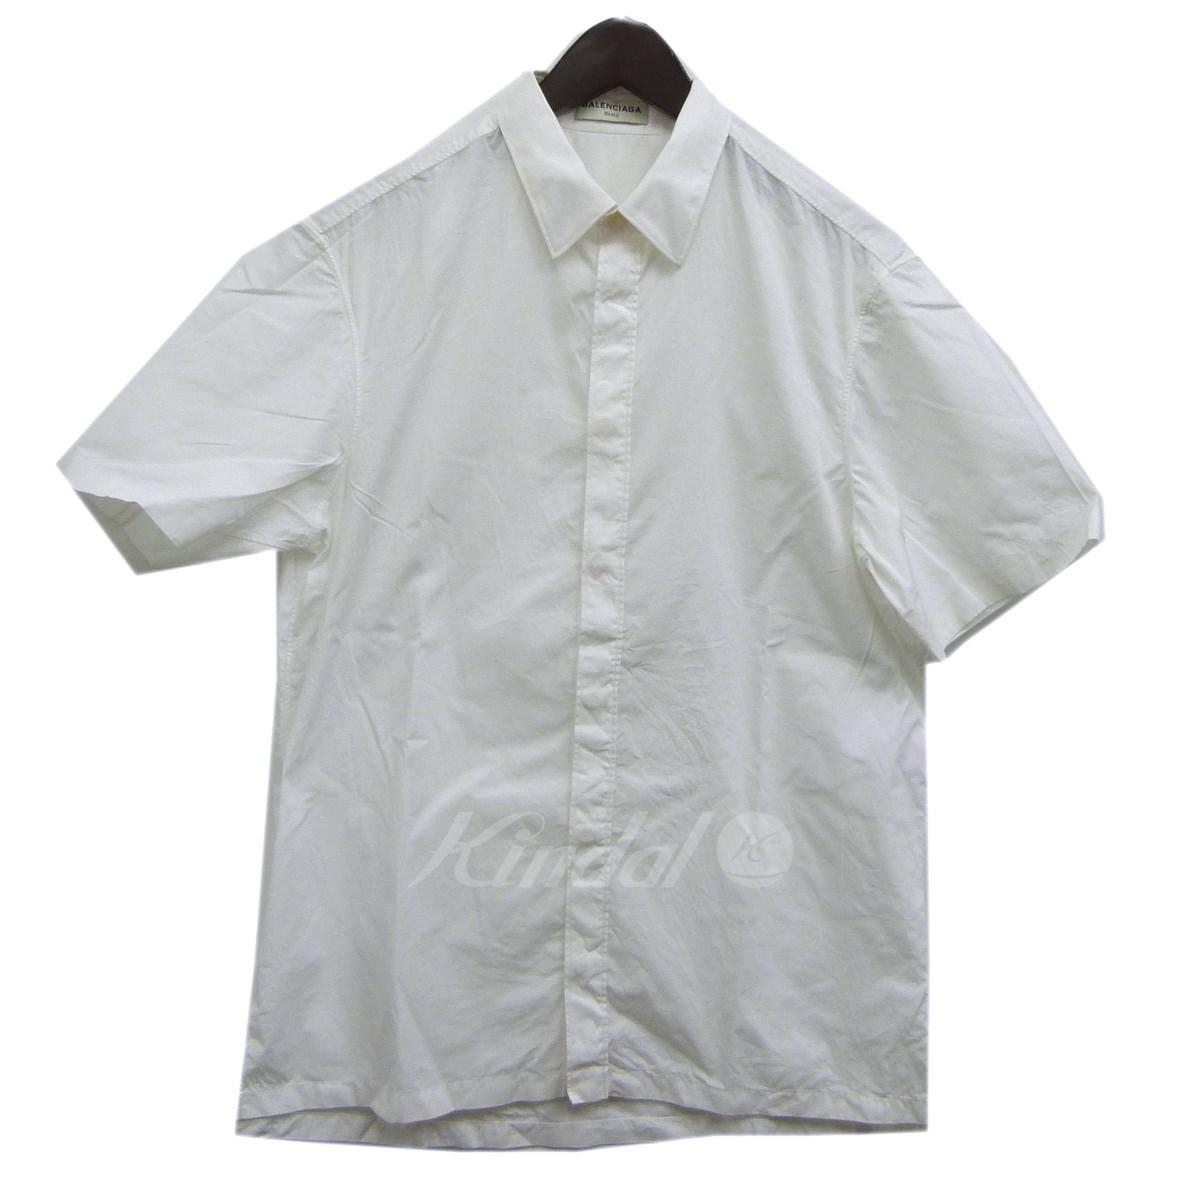 【中古】BALENCIAGA 16SS比翼半袖シャツ ホワイト サイズ:38 【送料無料】 【110319】(バレンシアガ)